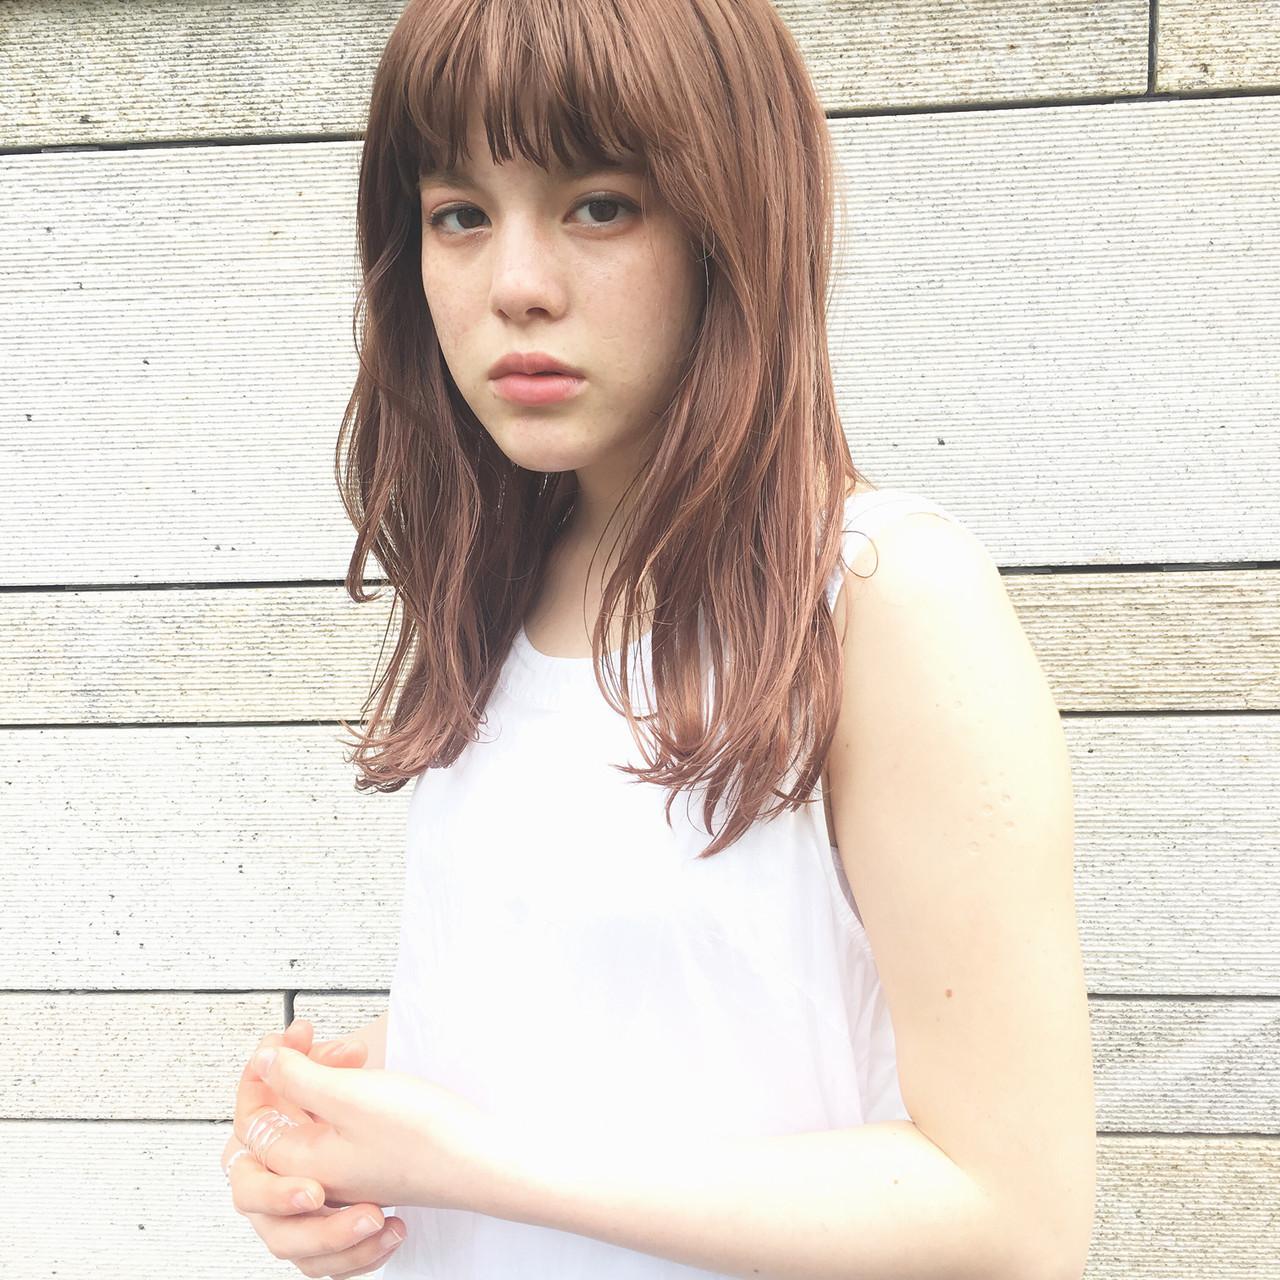 ナチュラル デート セミロング くせ毛 ヘアスタイルや髪型の写真・画像